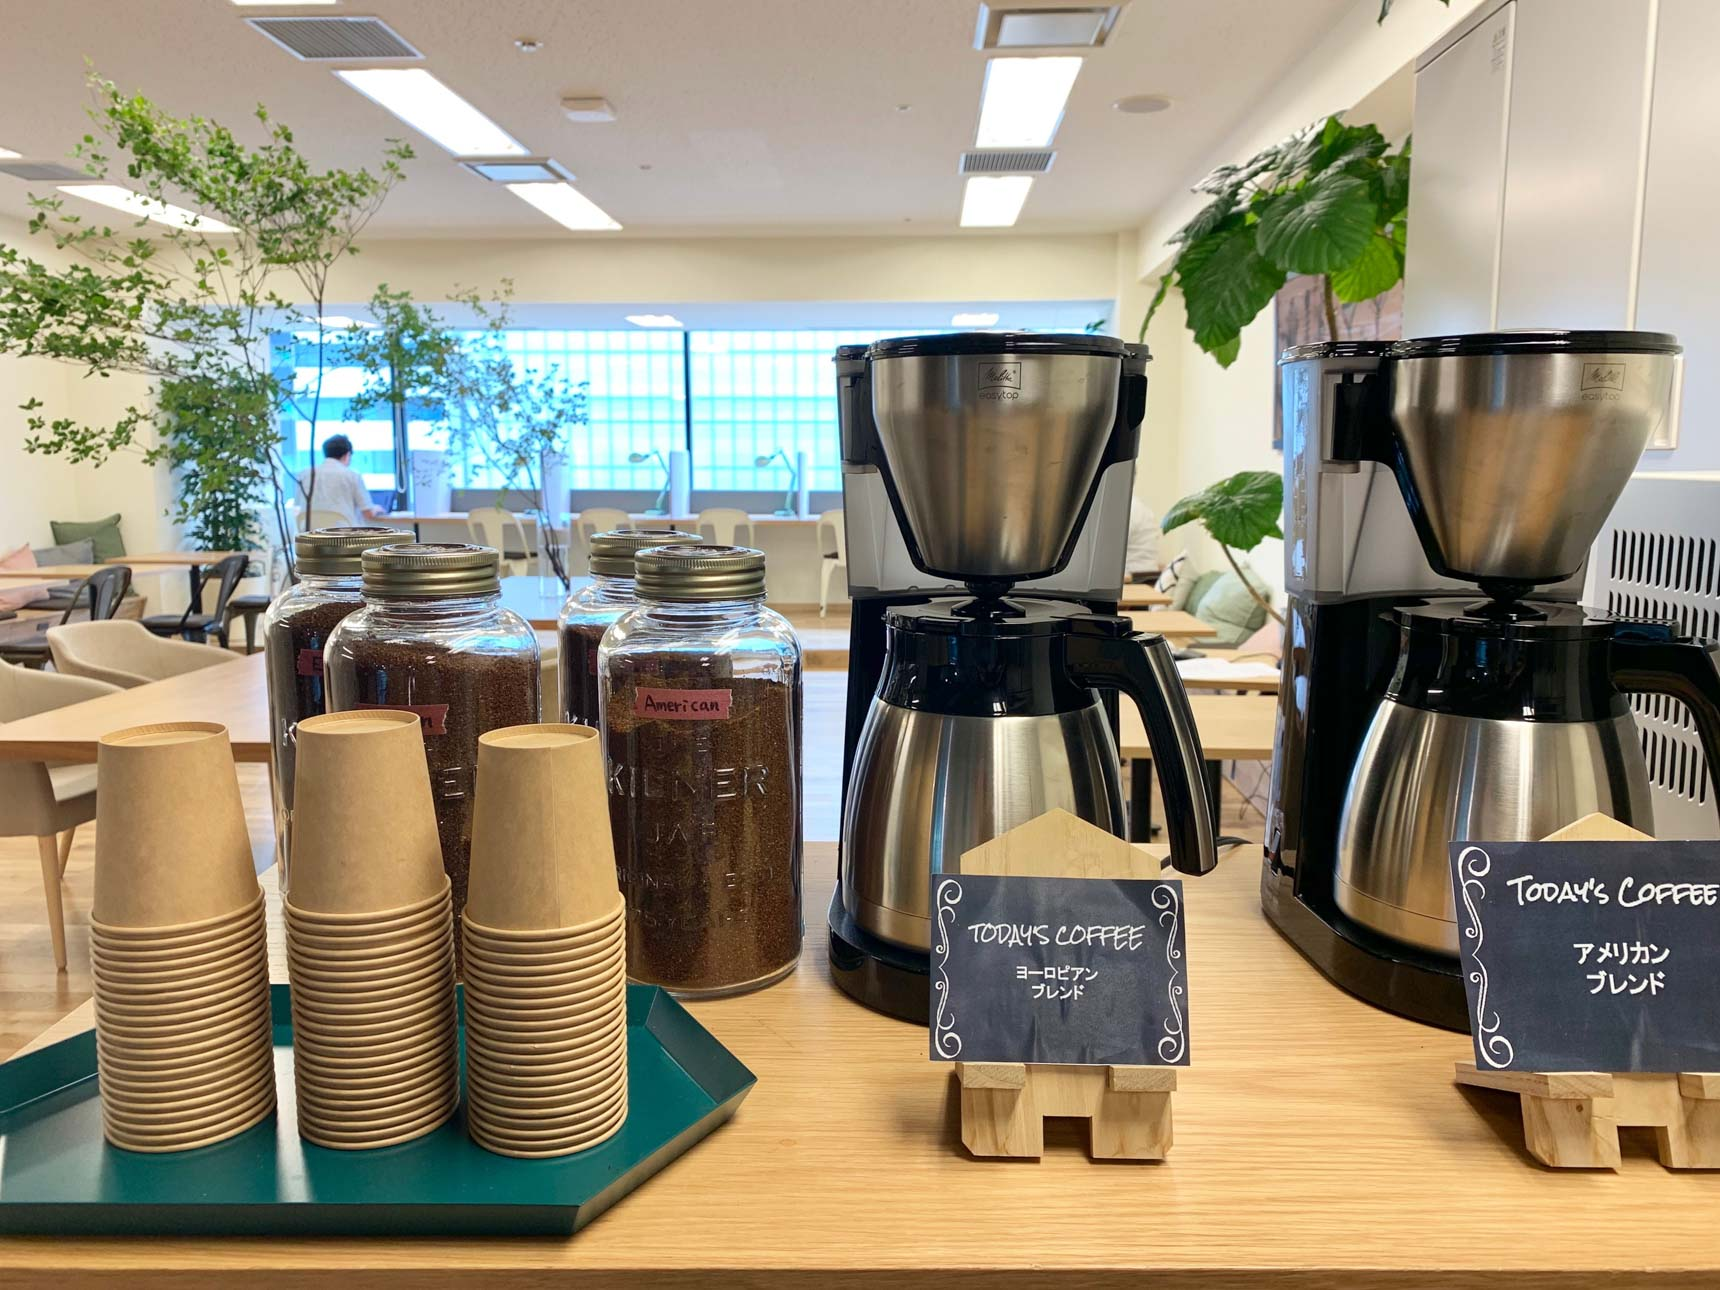 ドリンクコーナーには、コーヒーが数種類用意されていました。